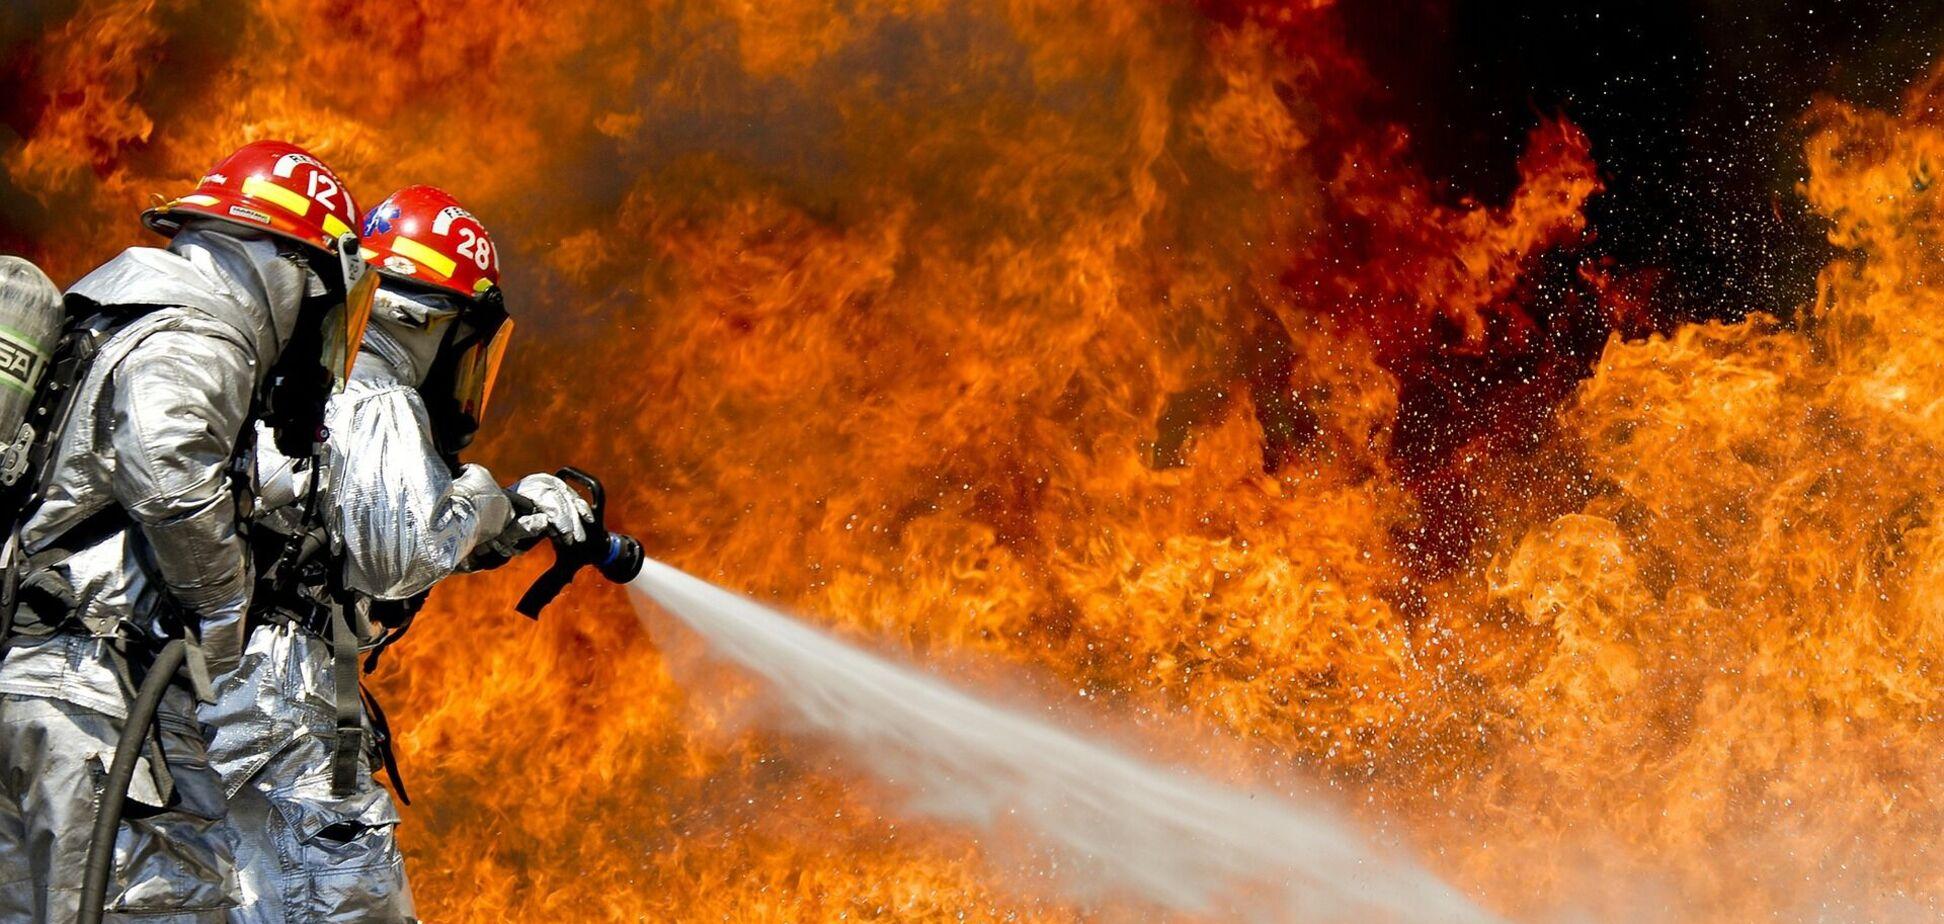 У багатоповерхівці Києва спалахнула потужна пожежа. Фото та відео